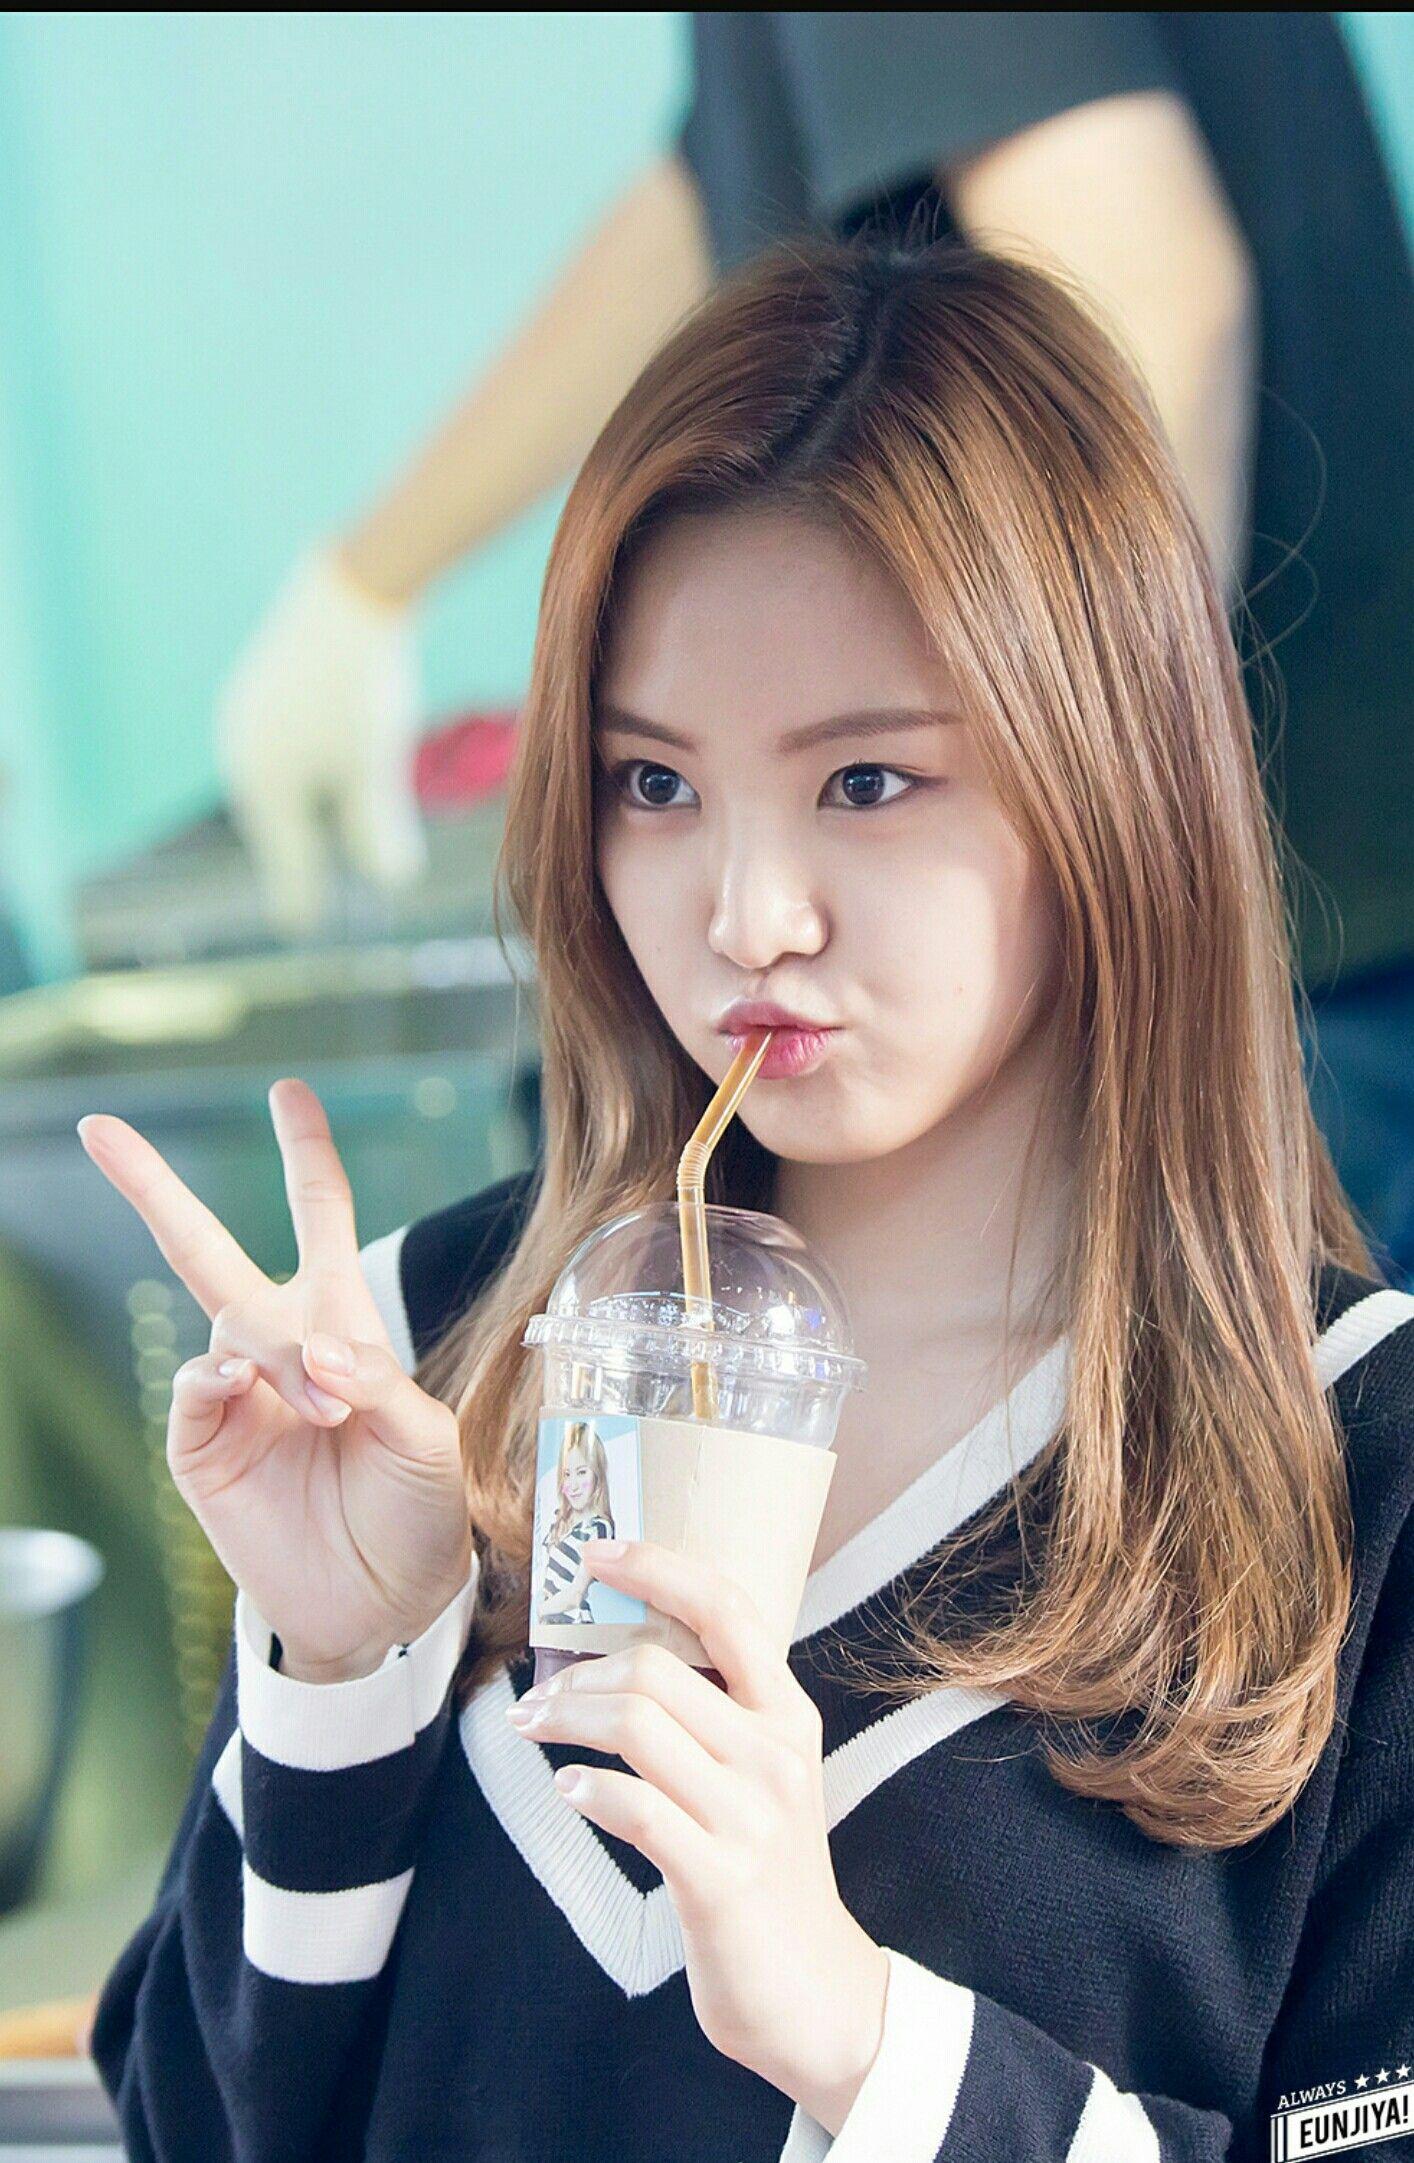 Apink Naeun | Asian beauty, The most beautiful girl, Apink ...